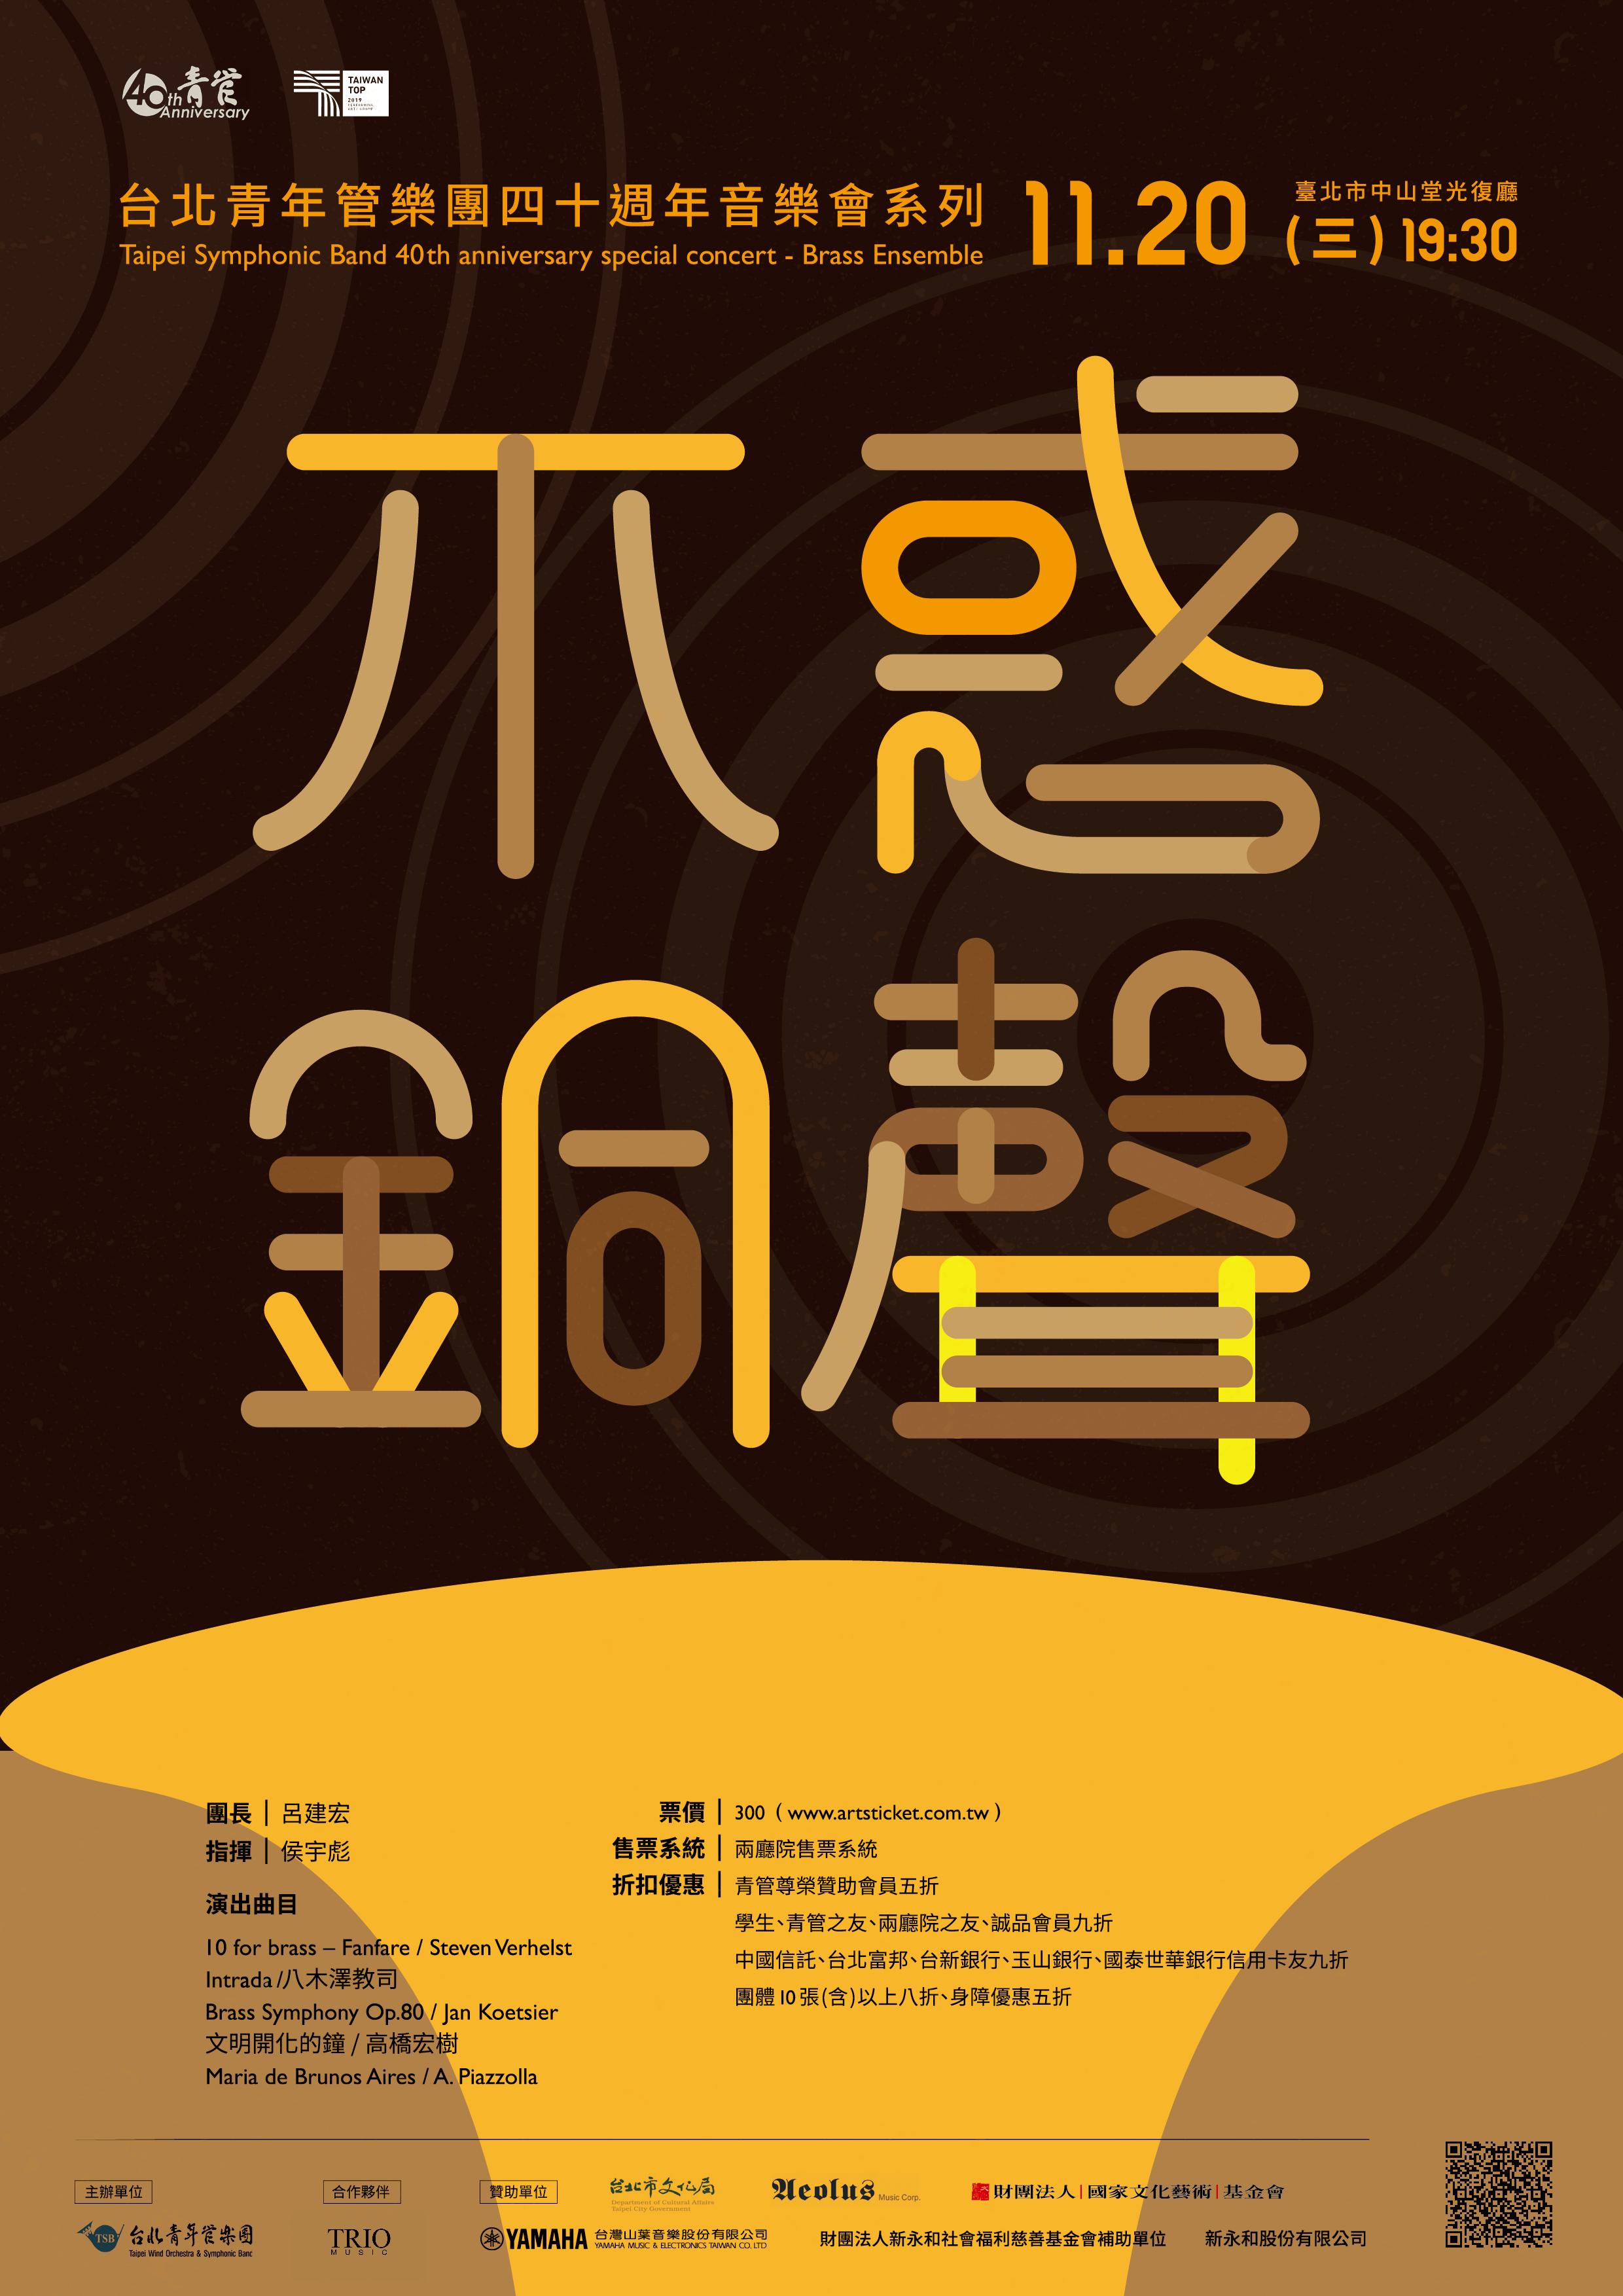 《不惑銅聲~Brass Ensemble》台北青年管樂團四十週年音樂會系列